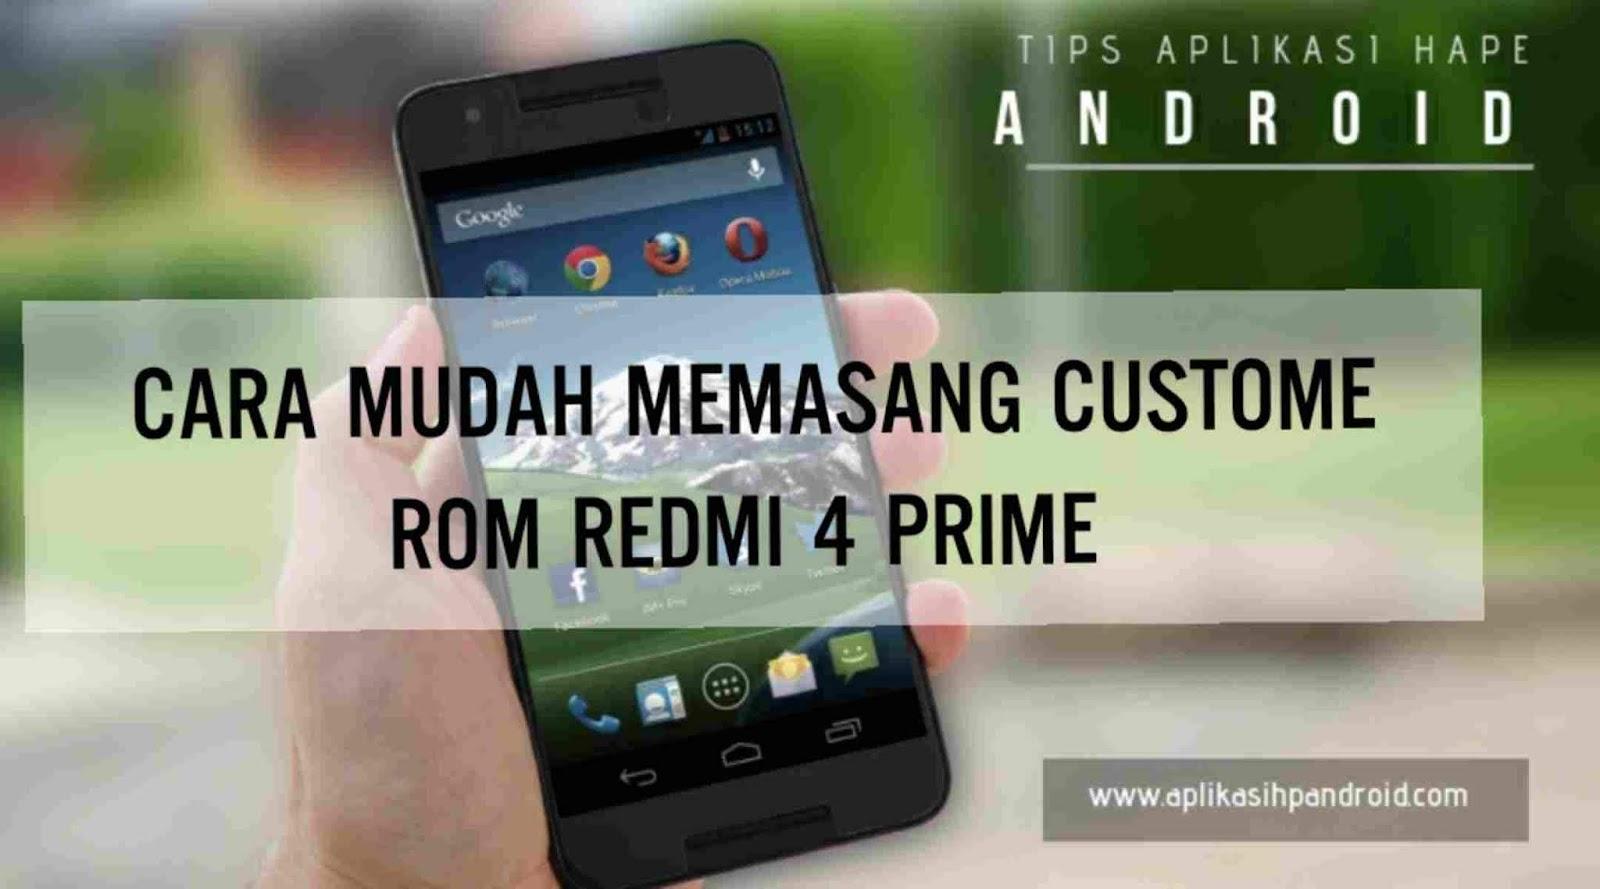 Cara mudah memasang custome Rom redmi 4 prime